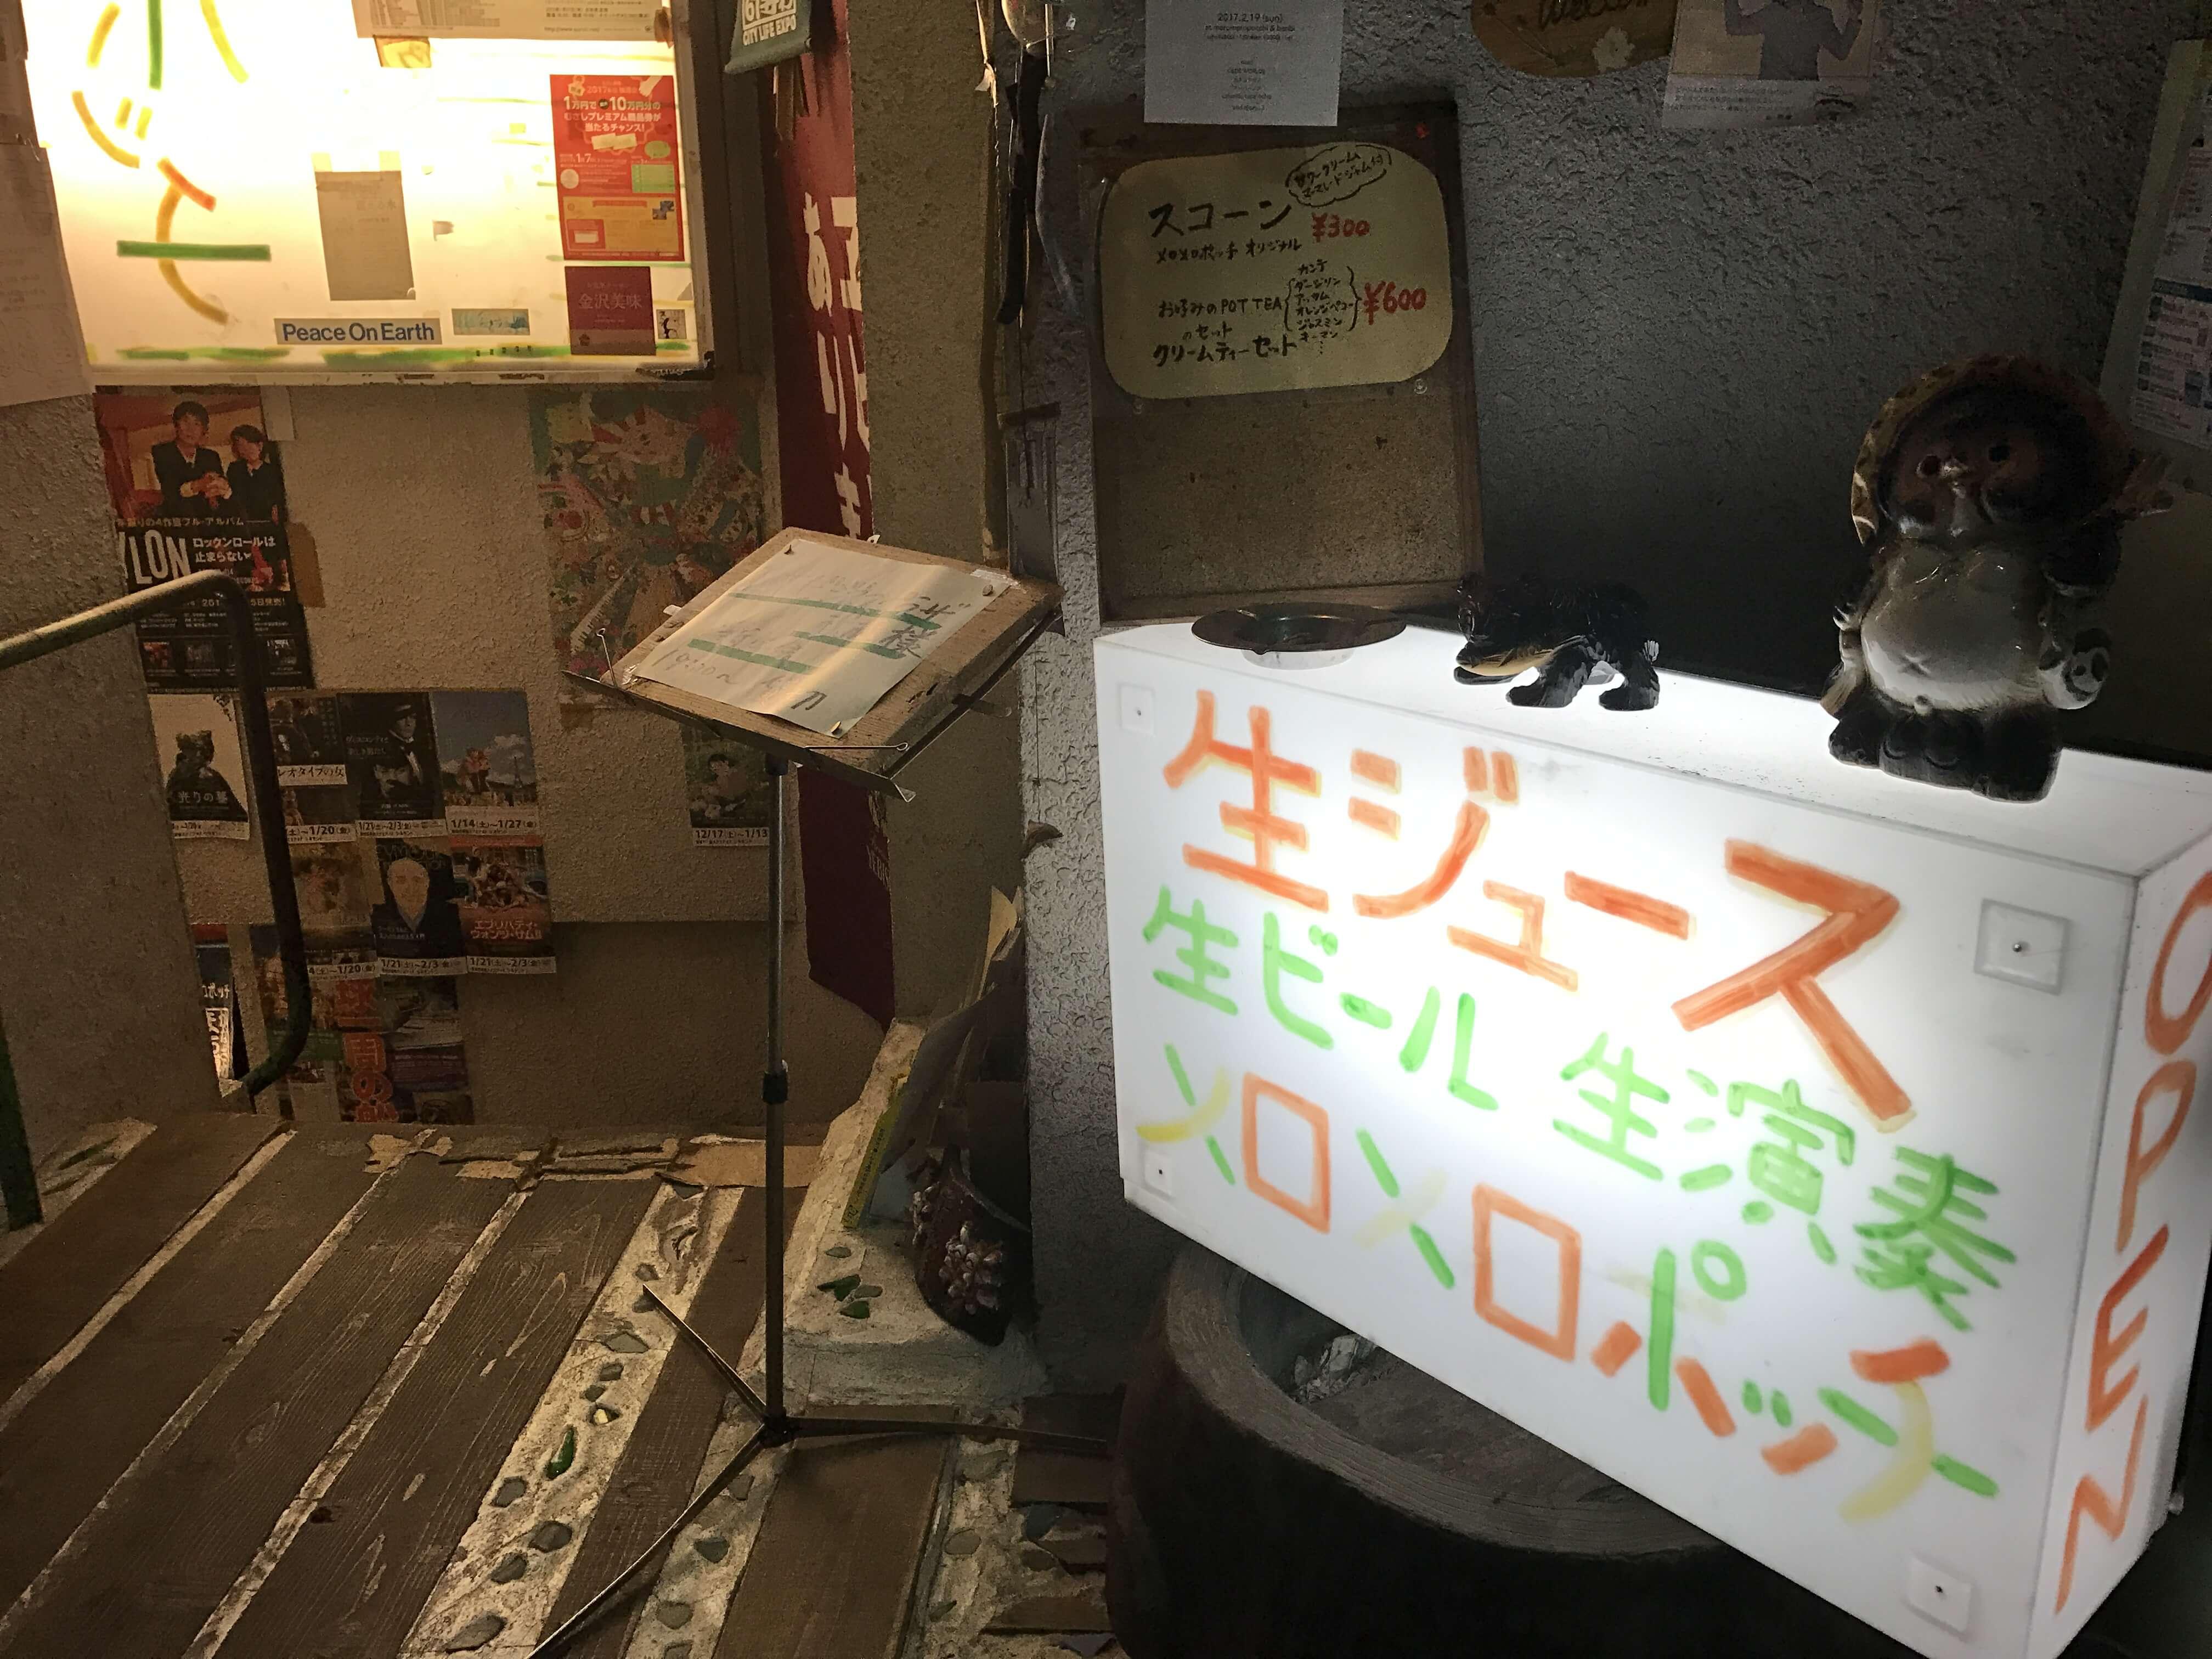 近江町市場で異彩を放つ謎の店@メロメロポッチ